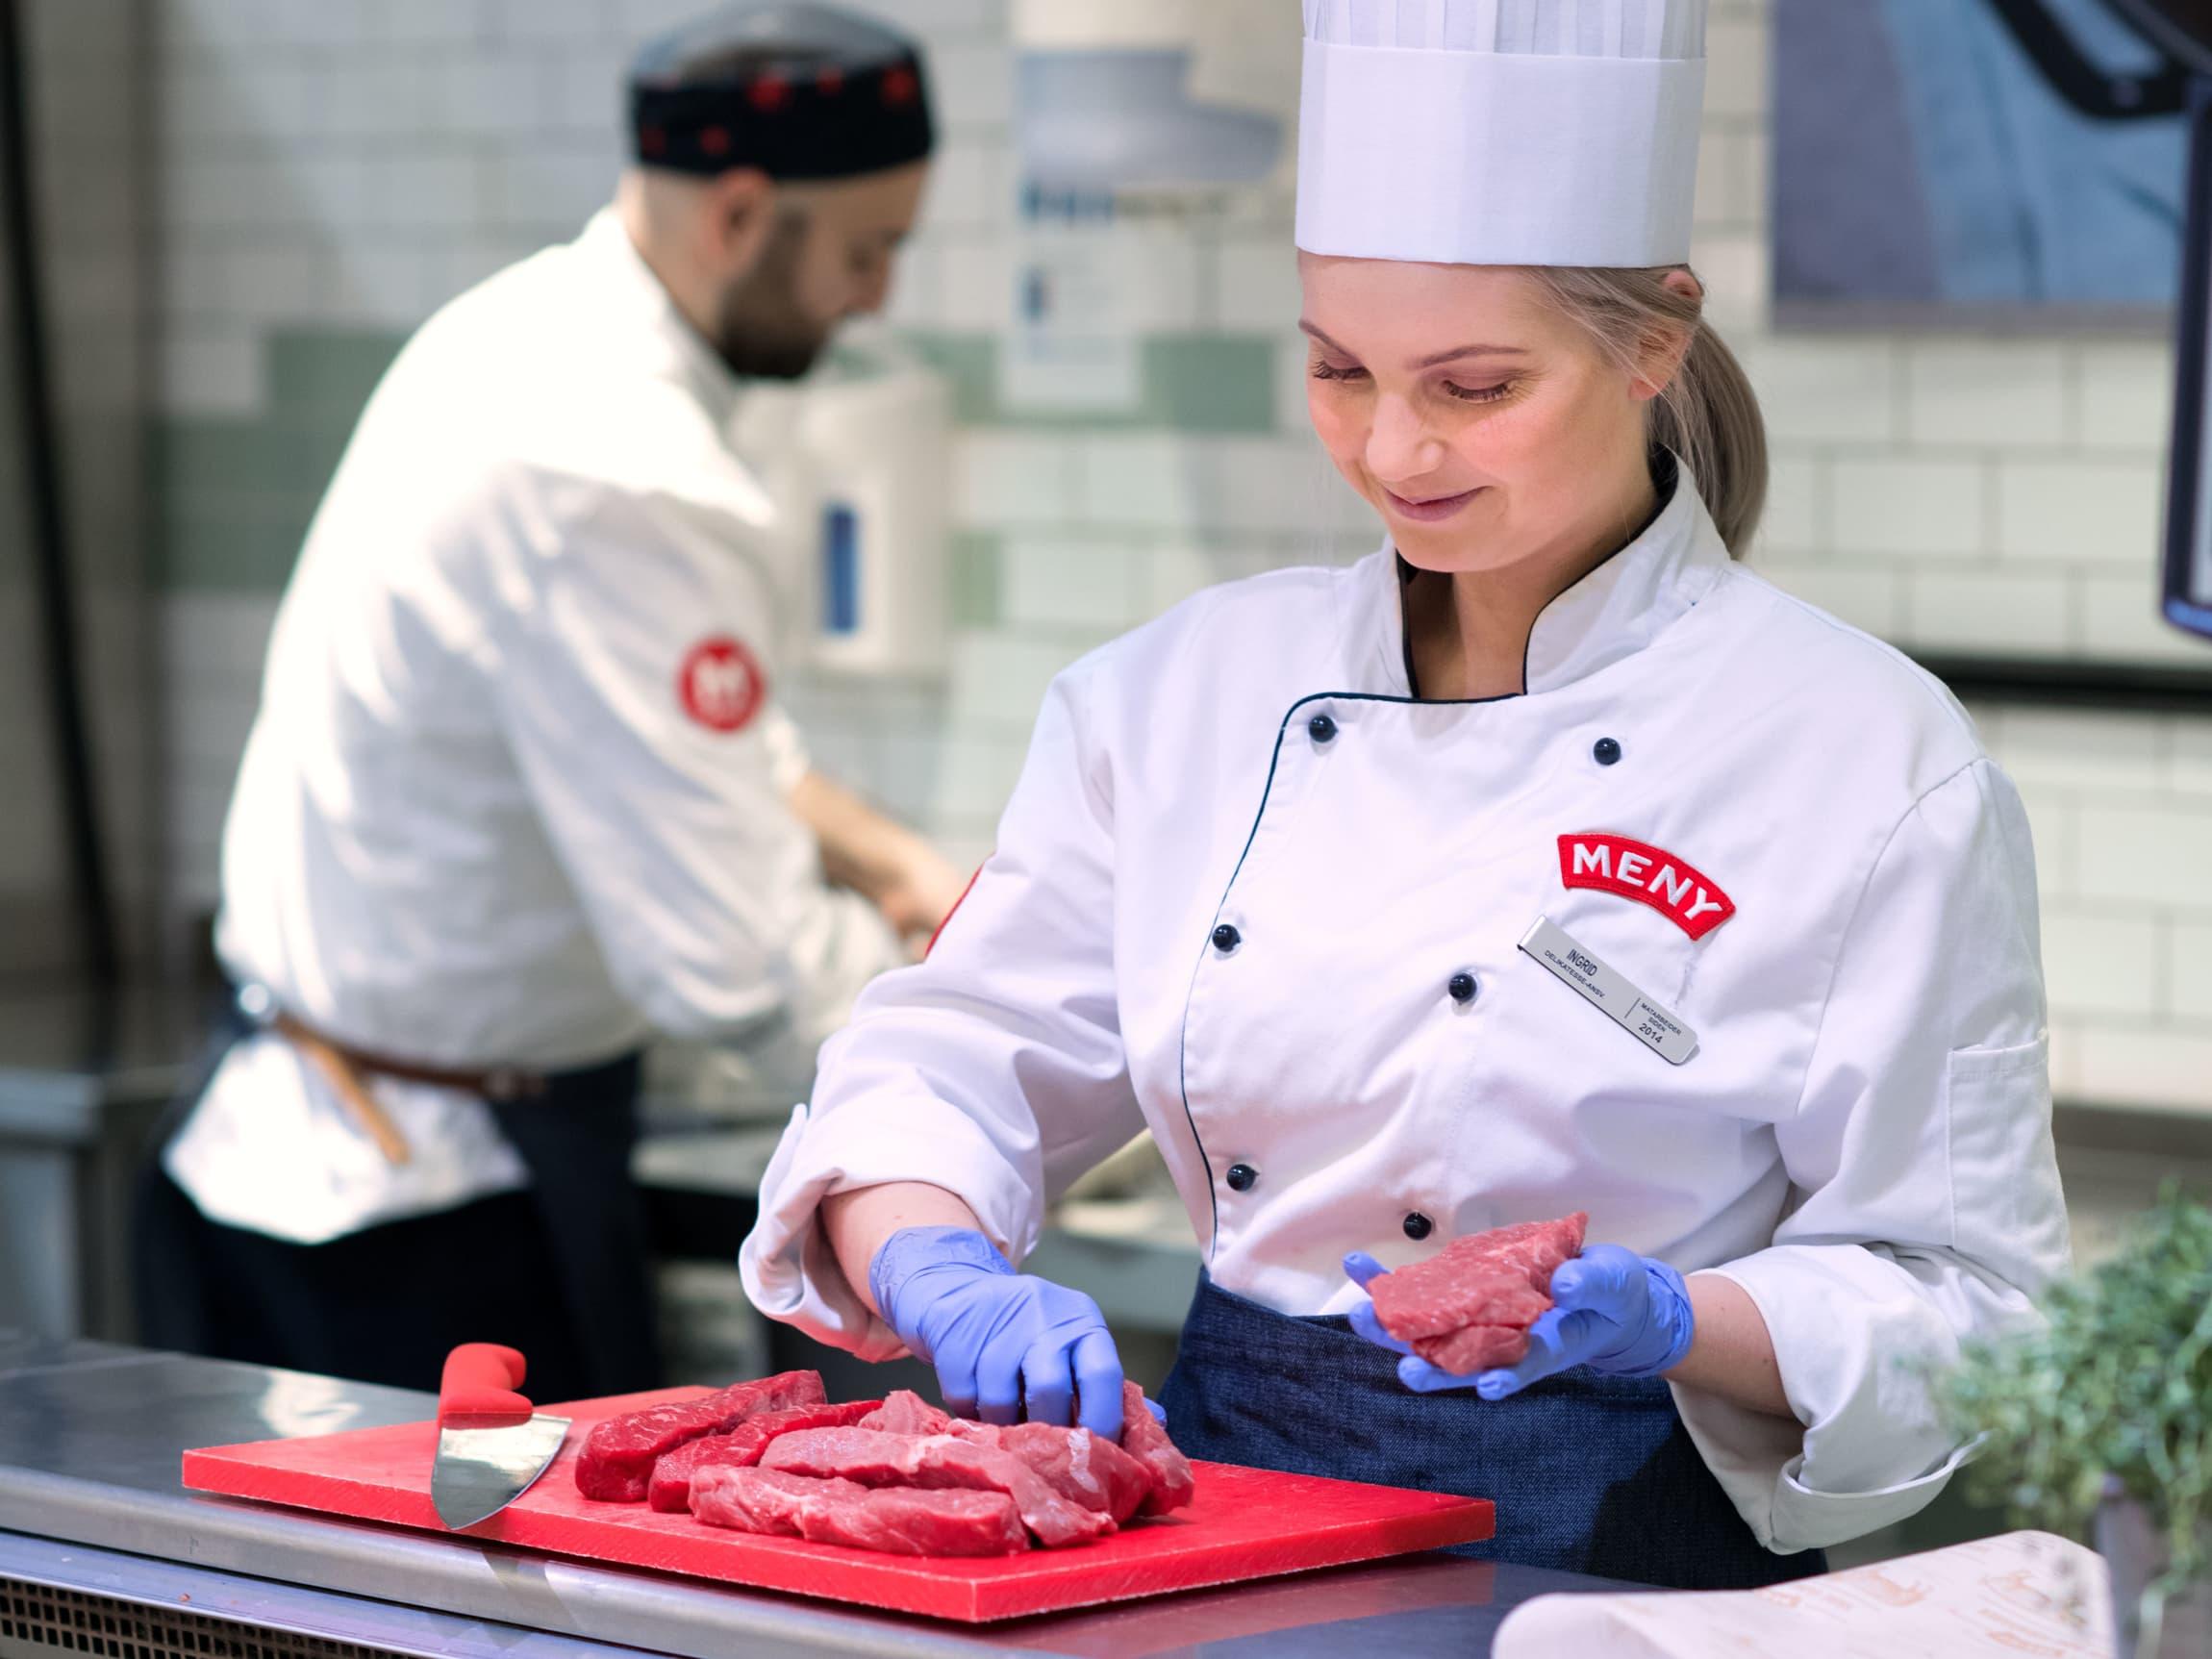 Lurer du på hva du skal velge, eller rett og slett ønsker tips og råd til hvordan du steker den perfekte biffen, er det bare å spørre en av våre mange kokker eller butikkslaktere.